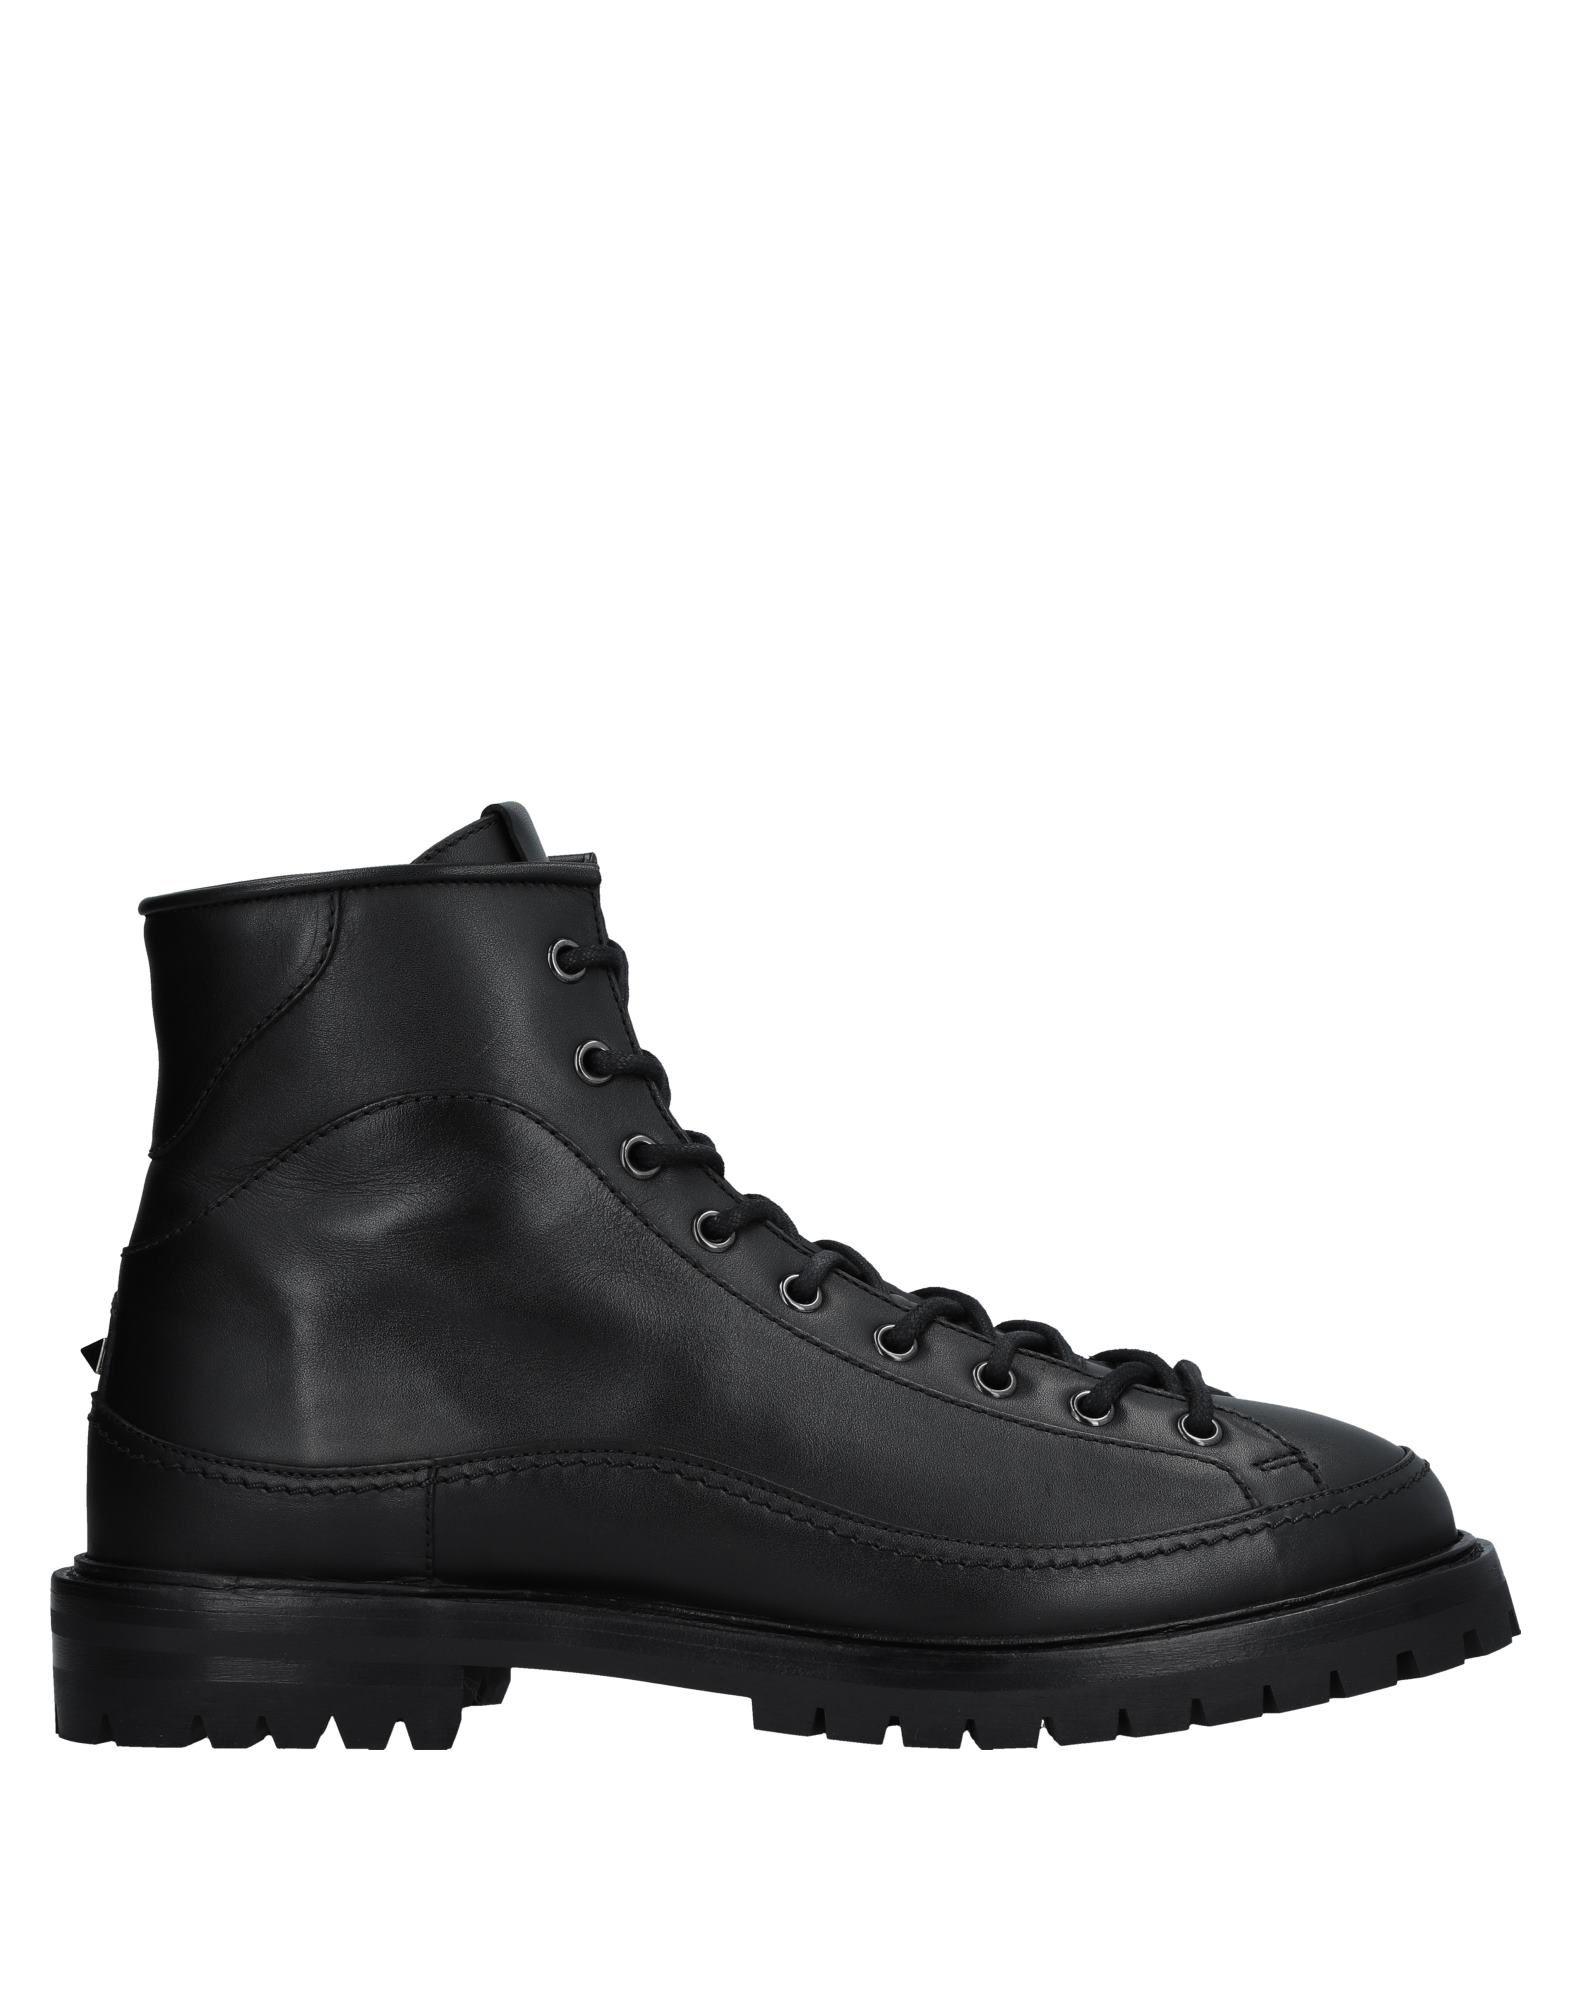 Valentino Garavani Stiefelette Herren  11515070NS Gute Qualität beliebte Schuhe